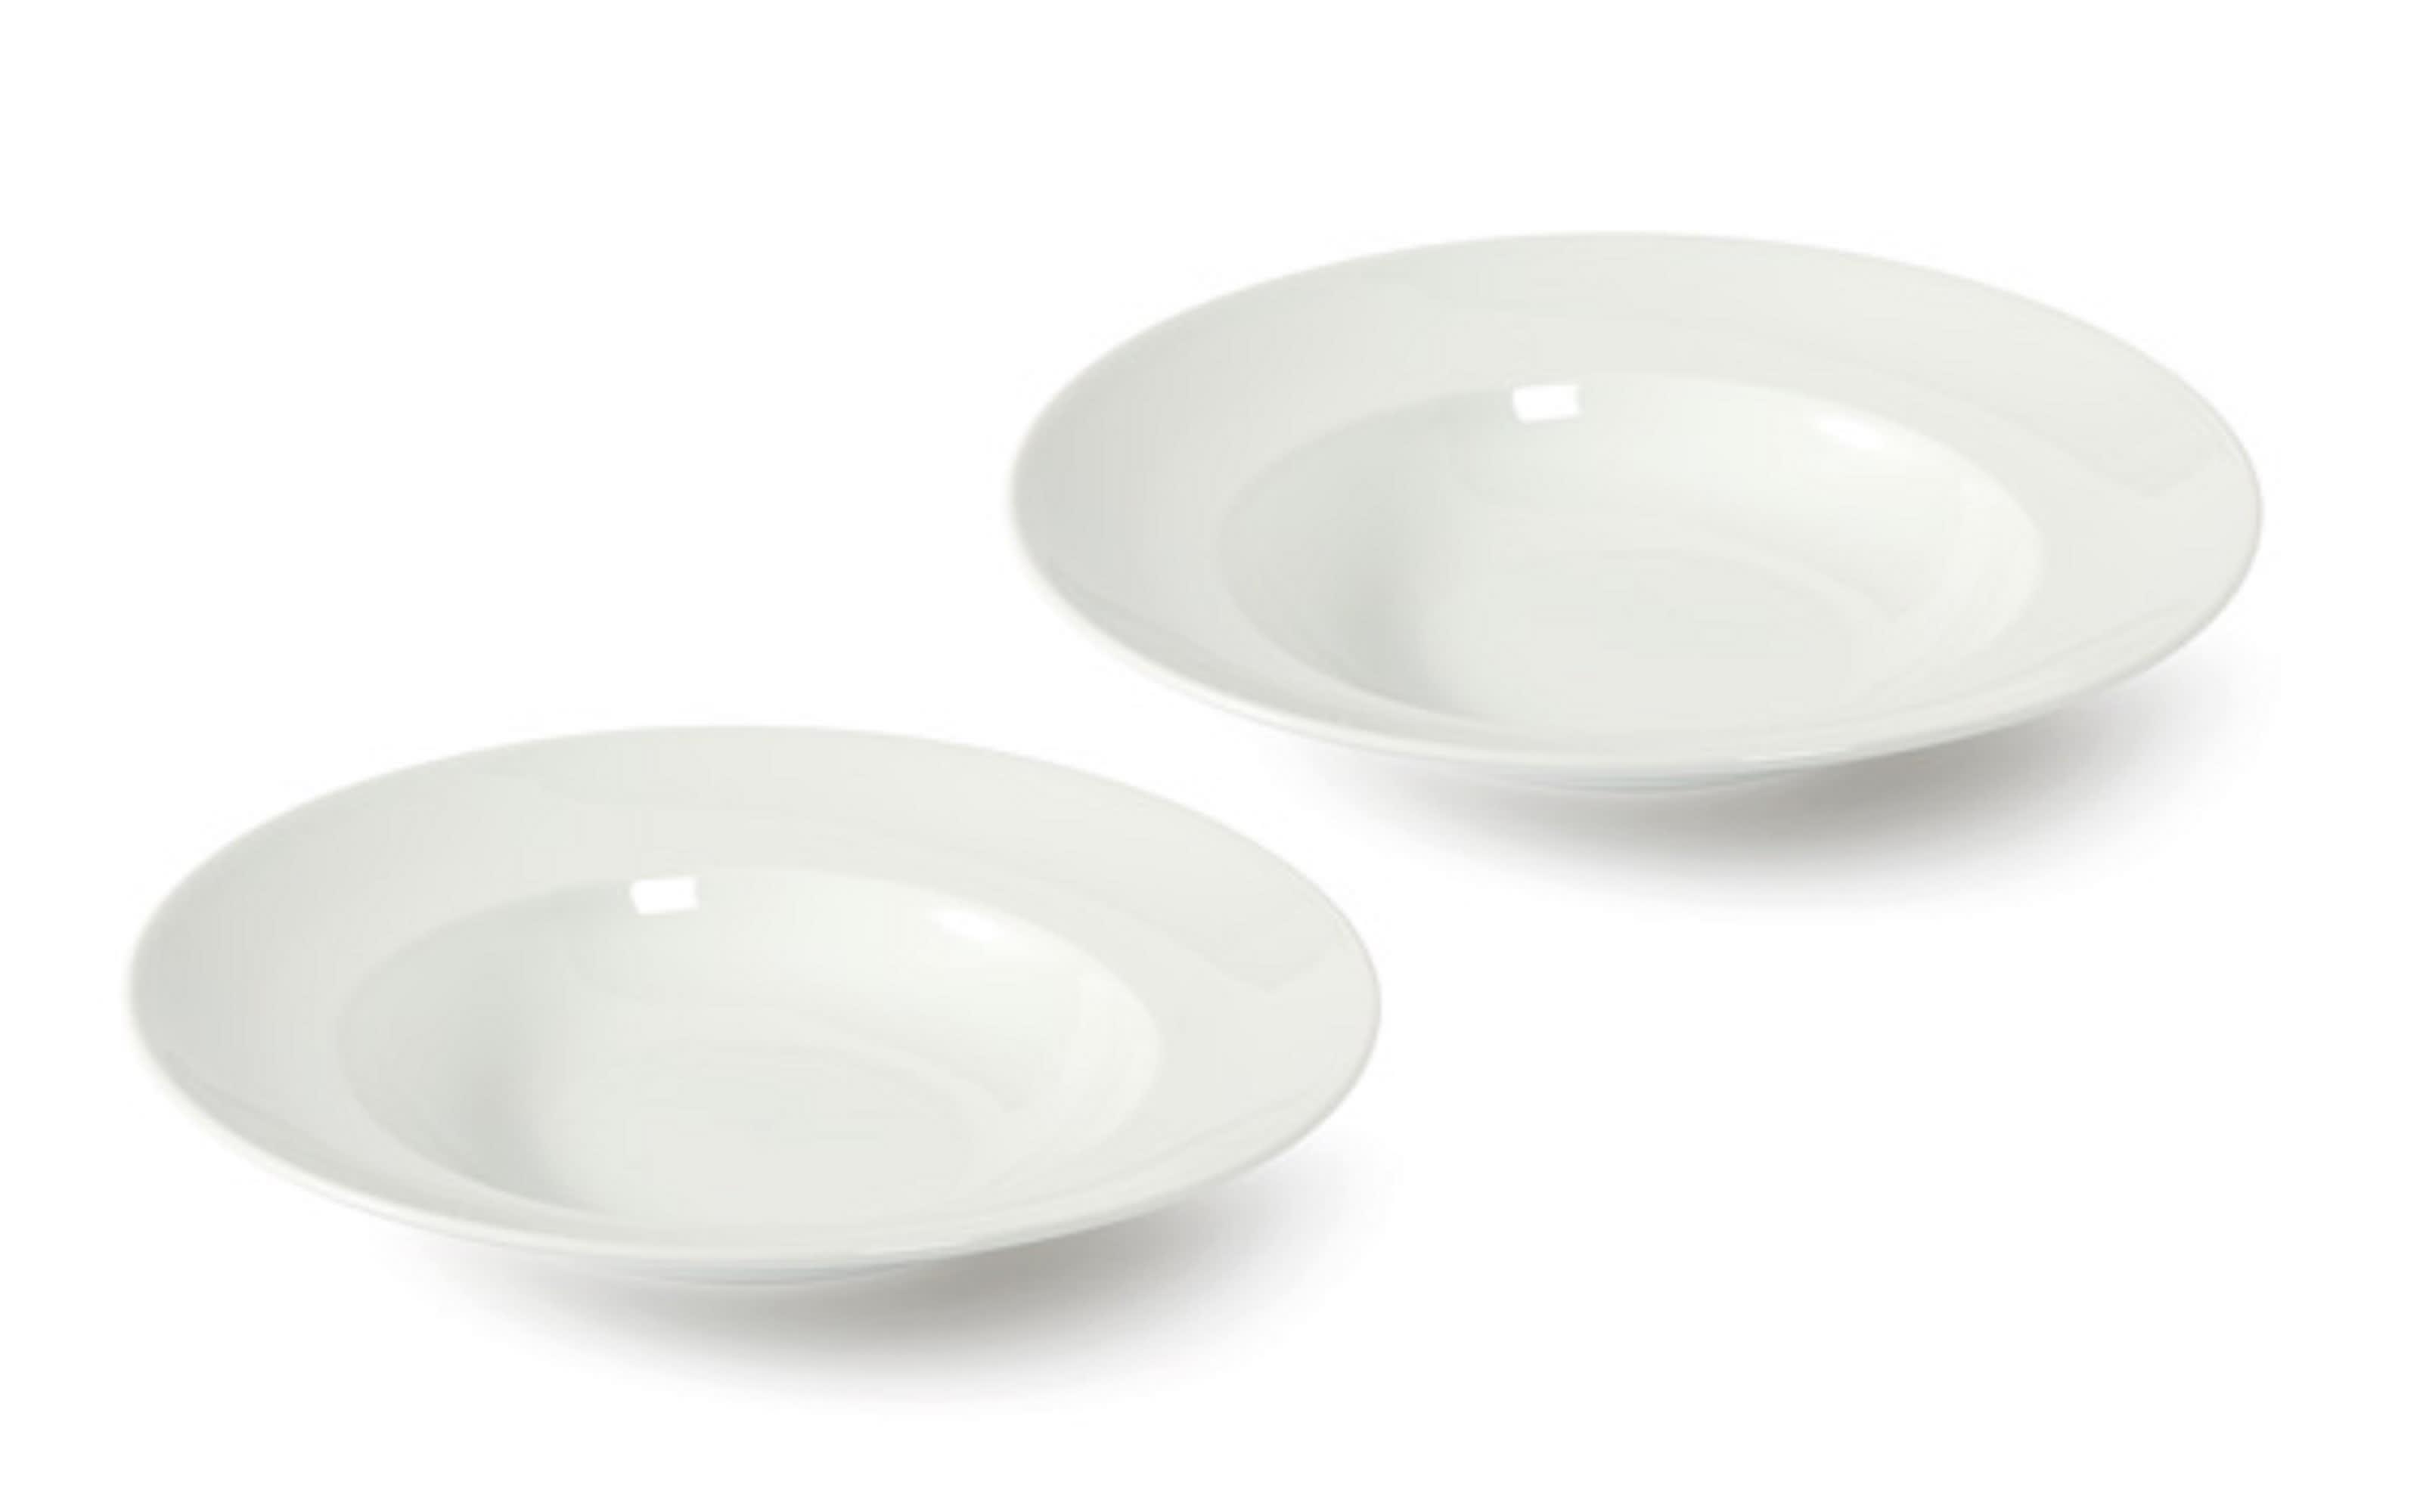 Pastatellerset New Fresh in weiß, 2-teilig